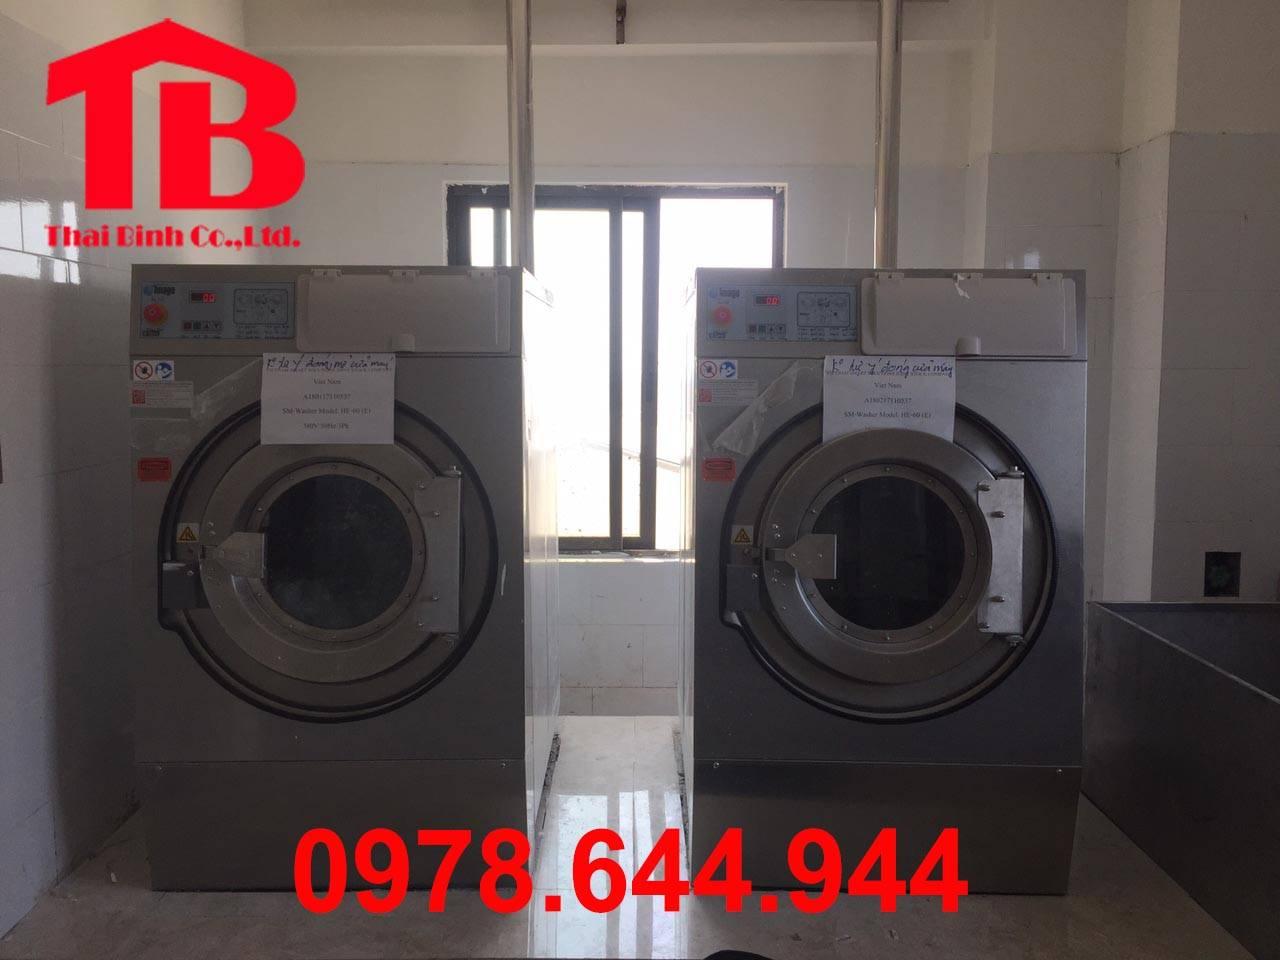 9bb59aefccc922977bd8 - Dự án lắp đặt máy giặt sấy công nghiệp cho khách sạn Sapa